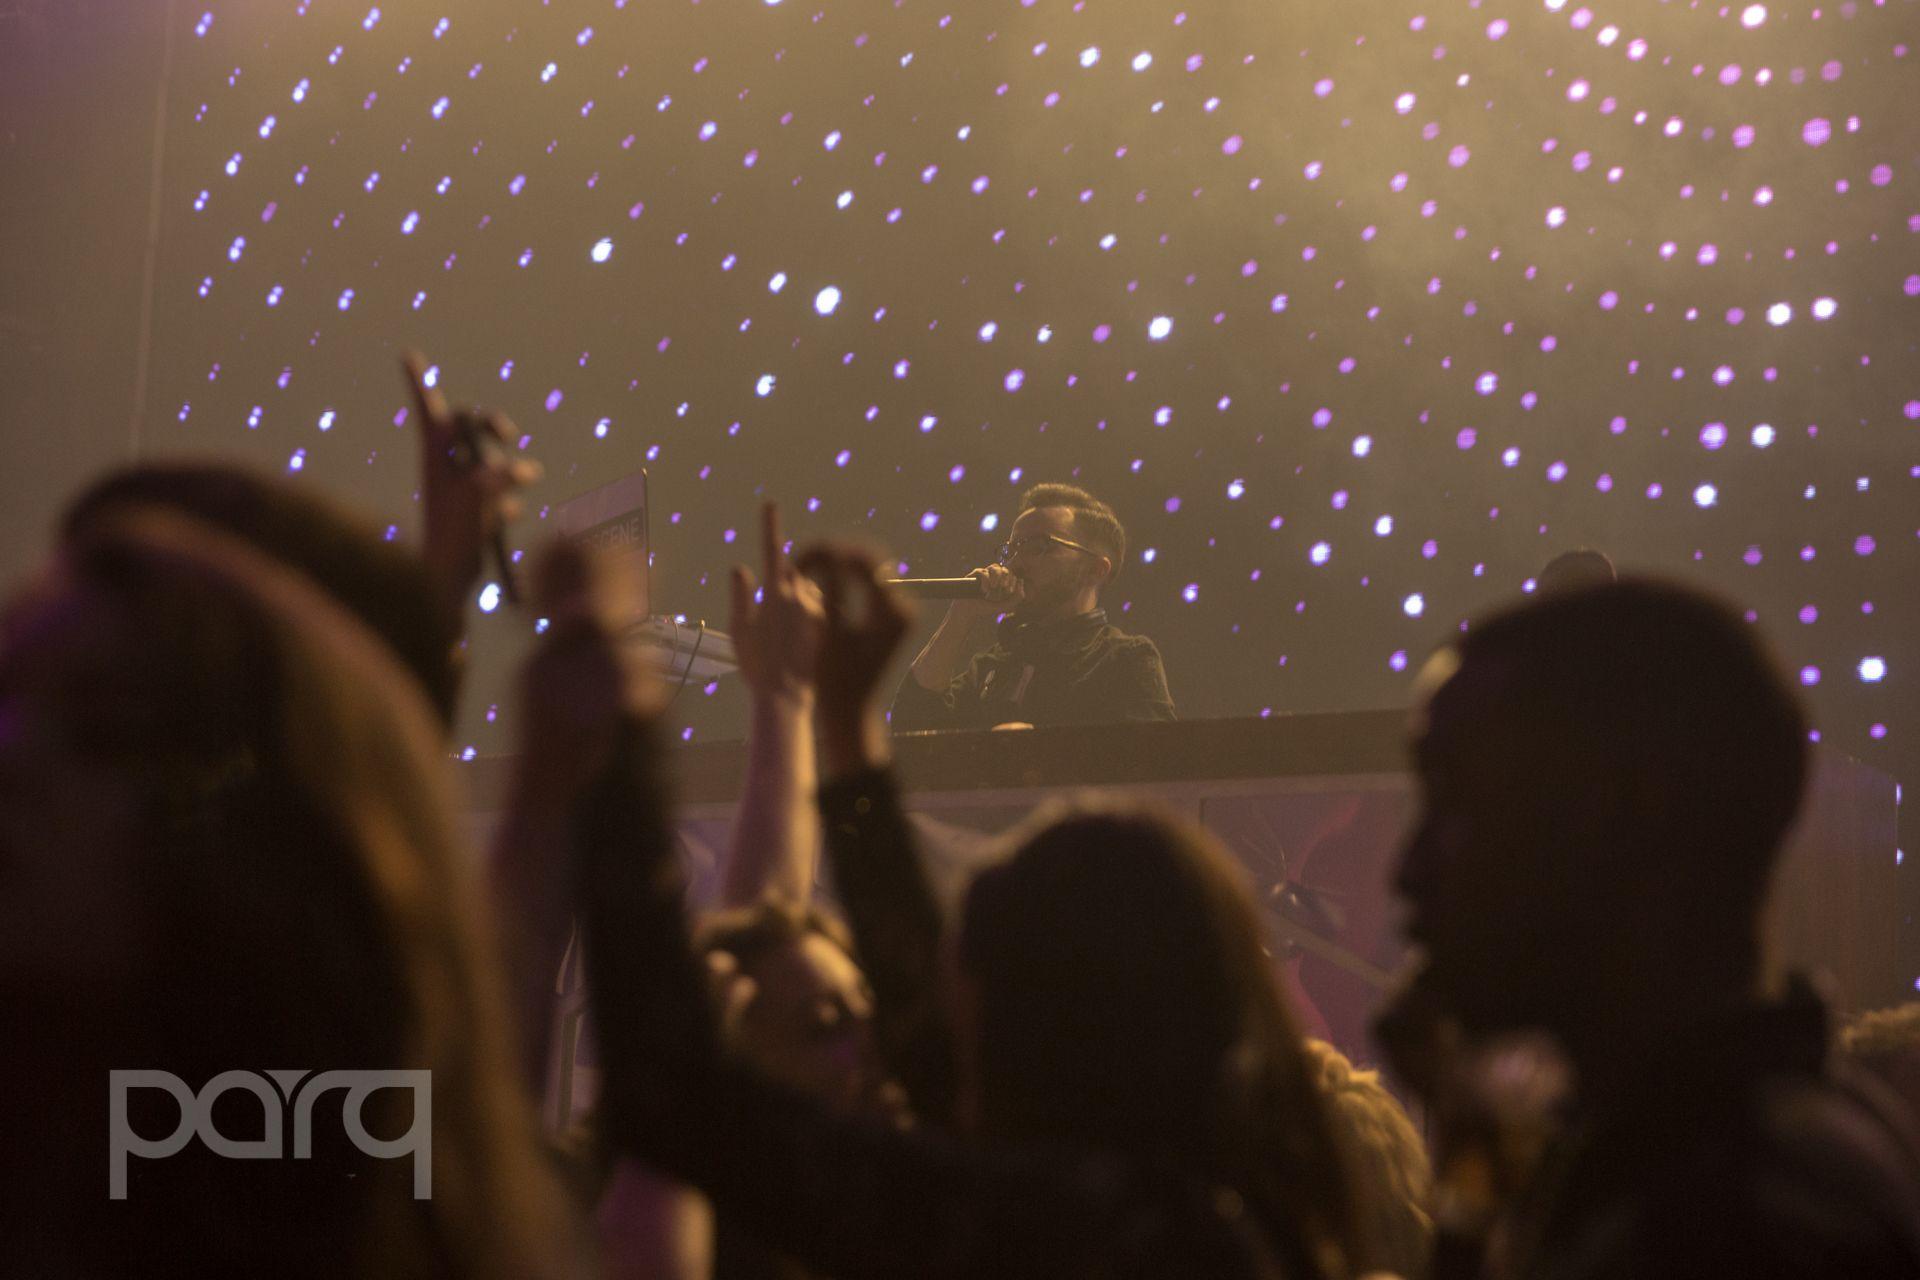 San-Diego-Nightclub-DJ Obscene-22.jpg